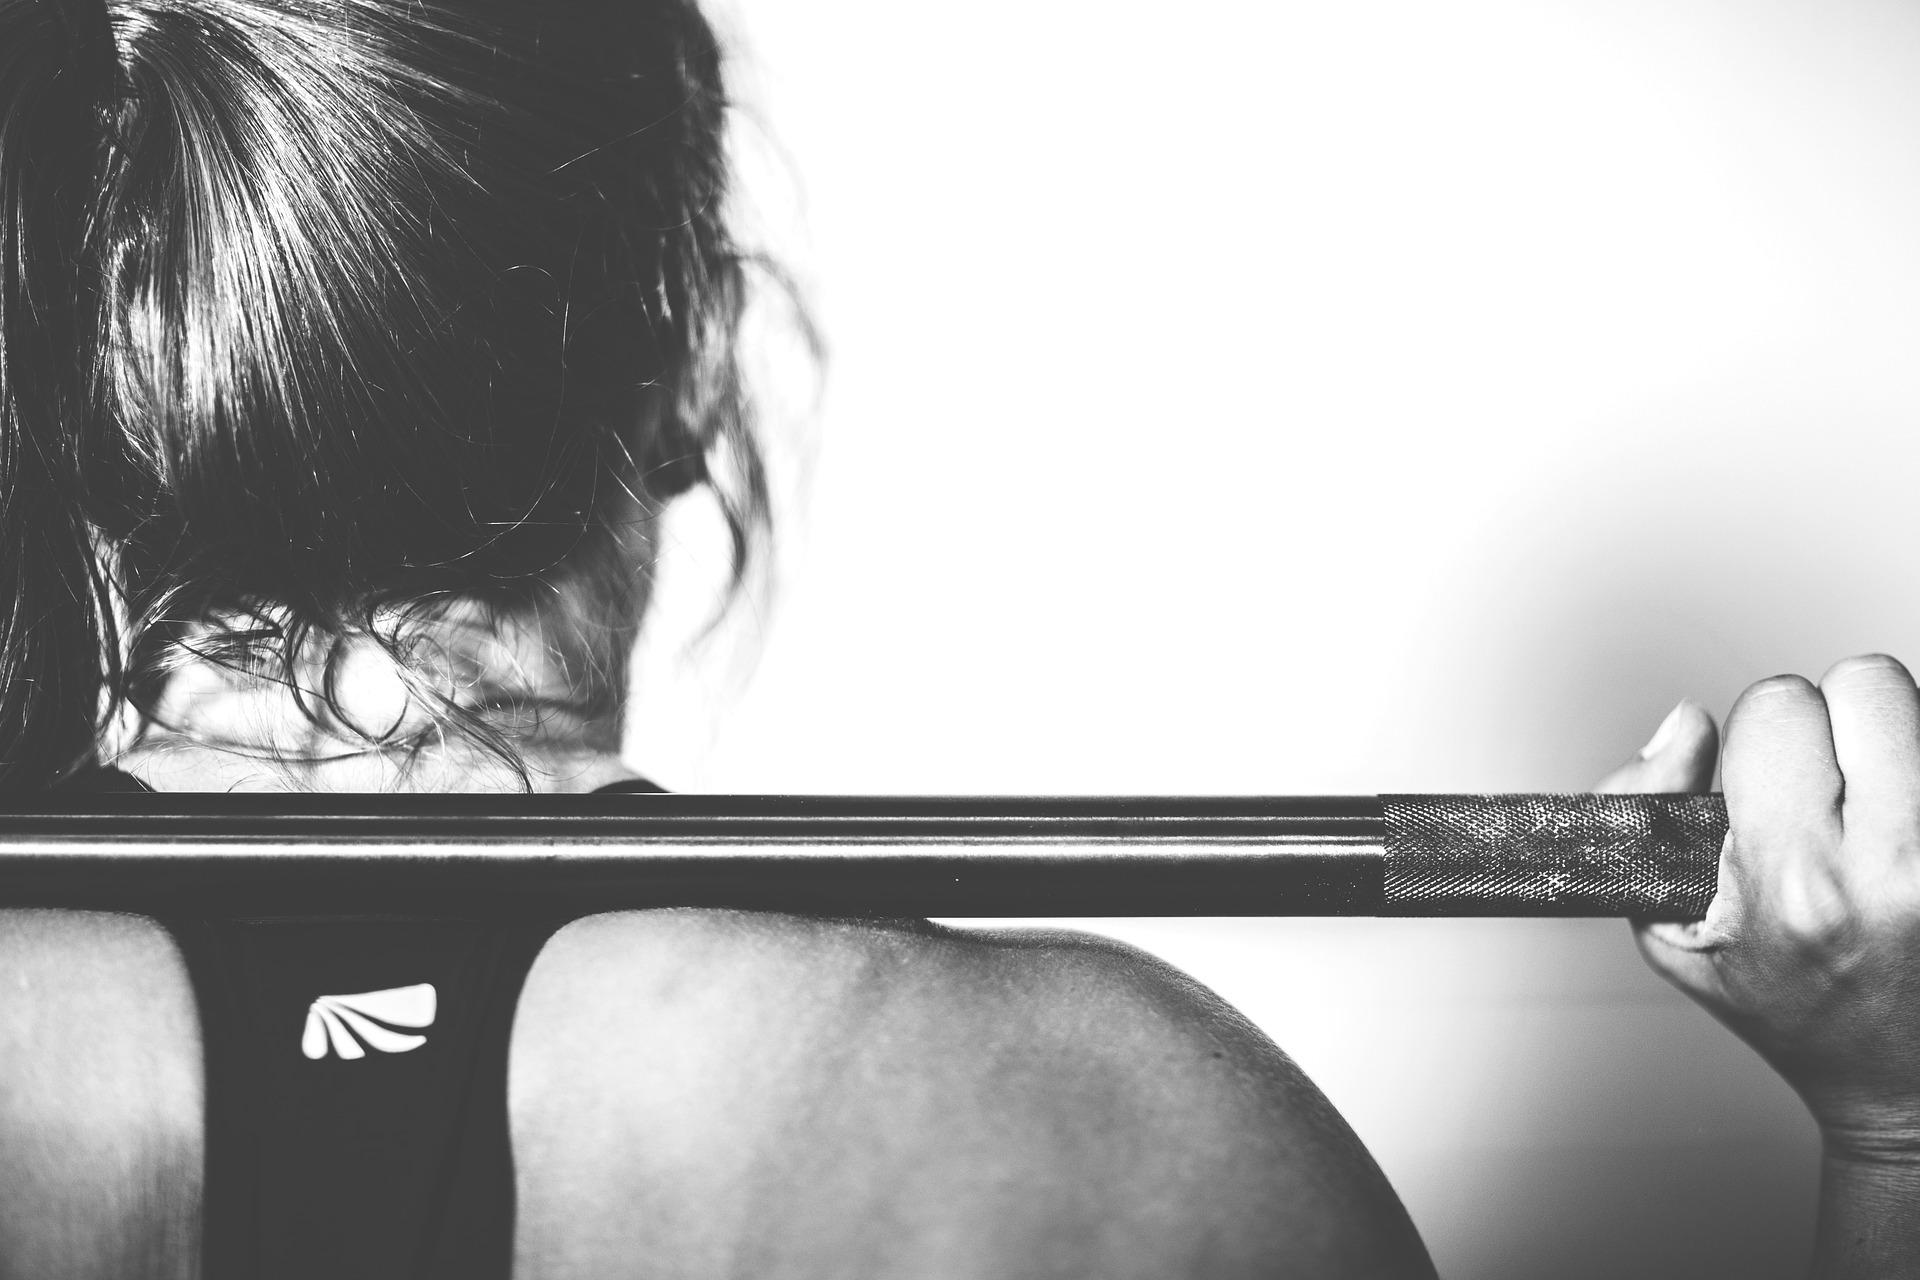 Musculação ajudam mulheres na menopausa a diminuírem as ondas de calor